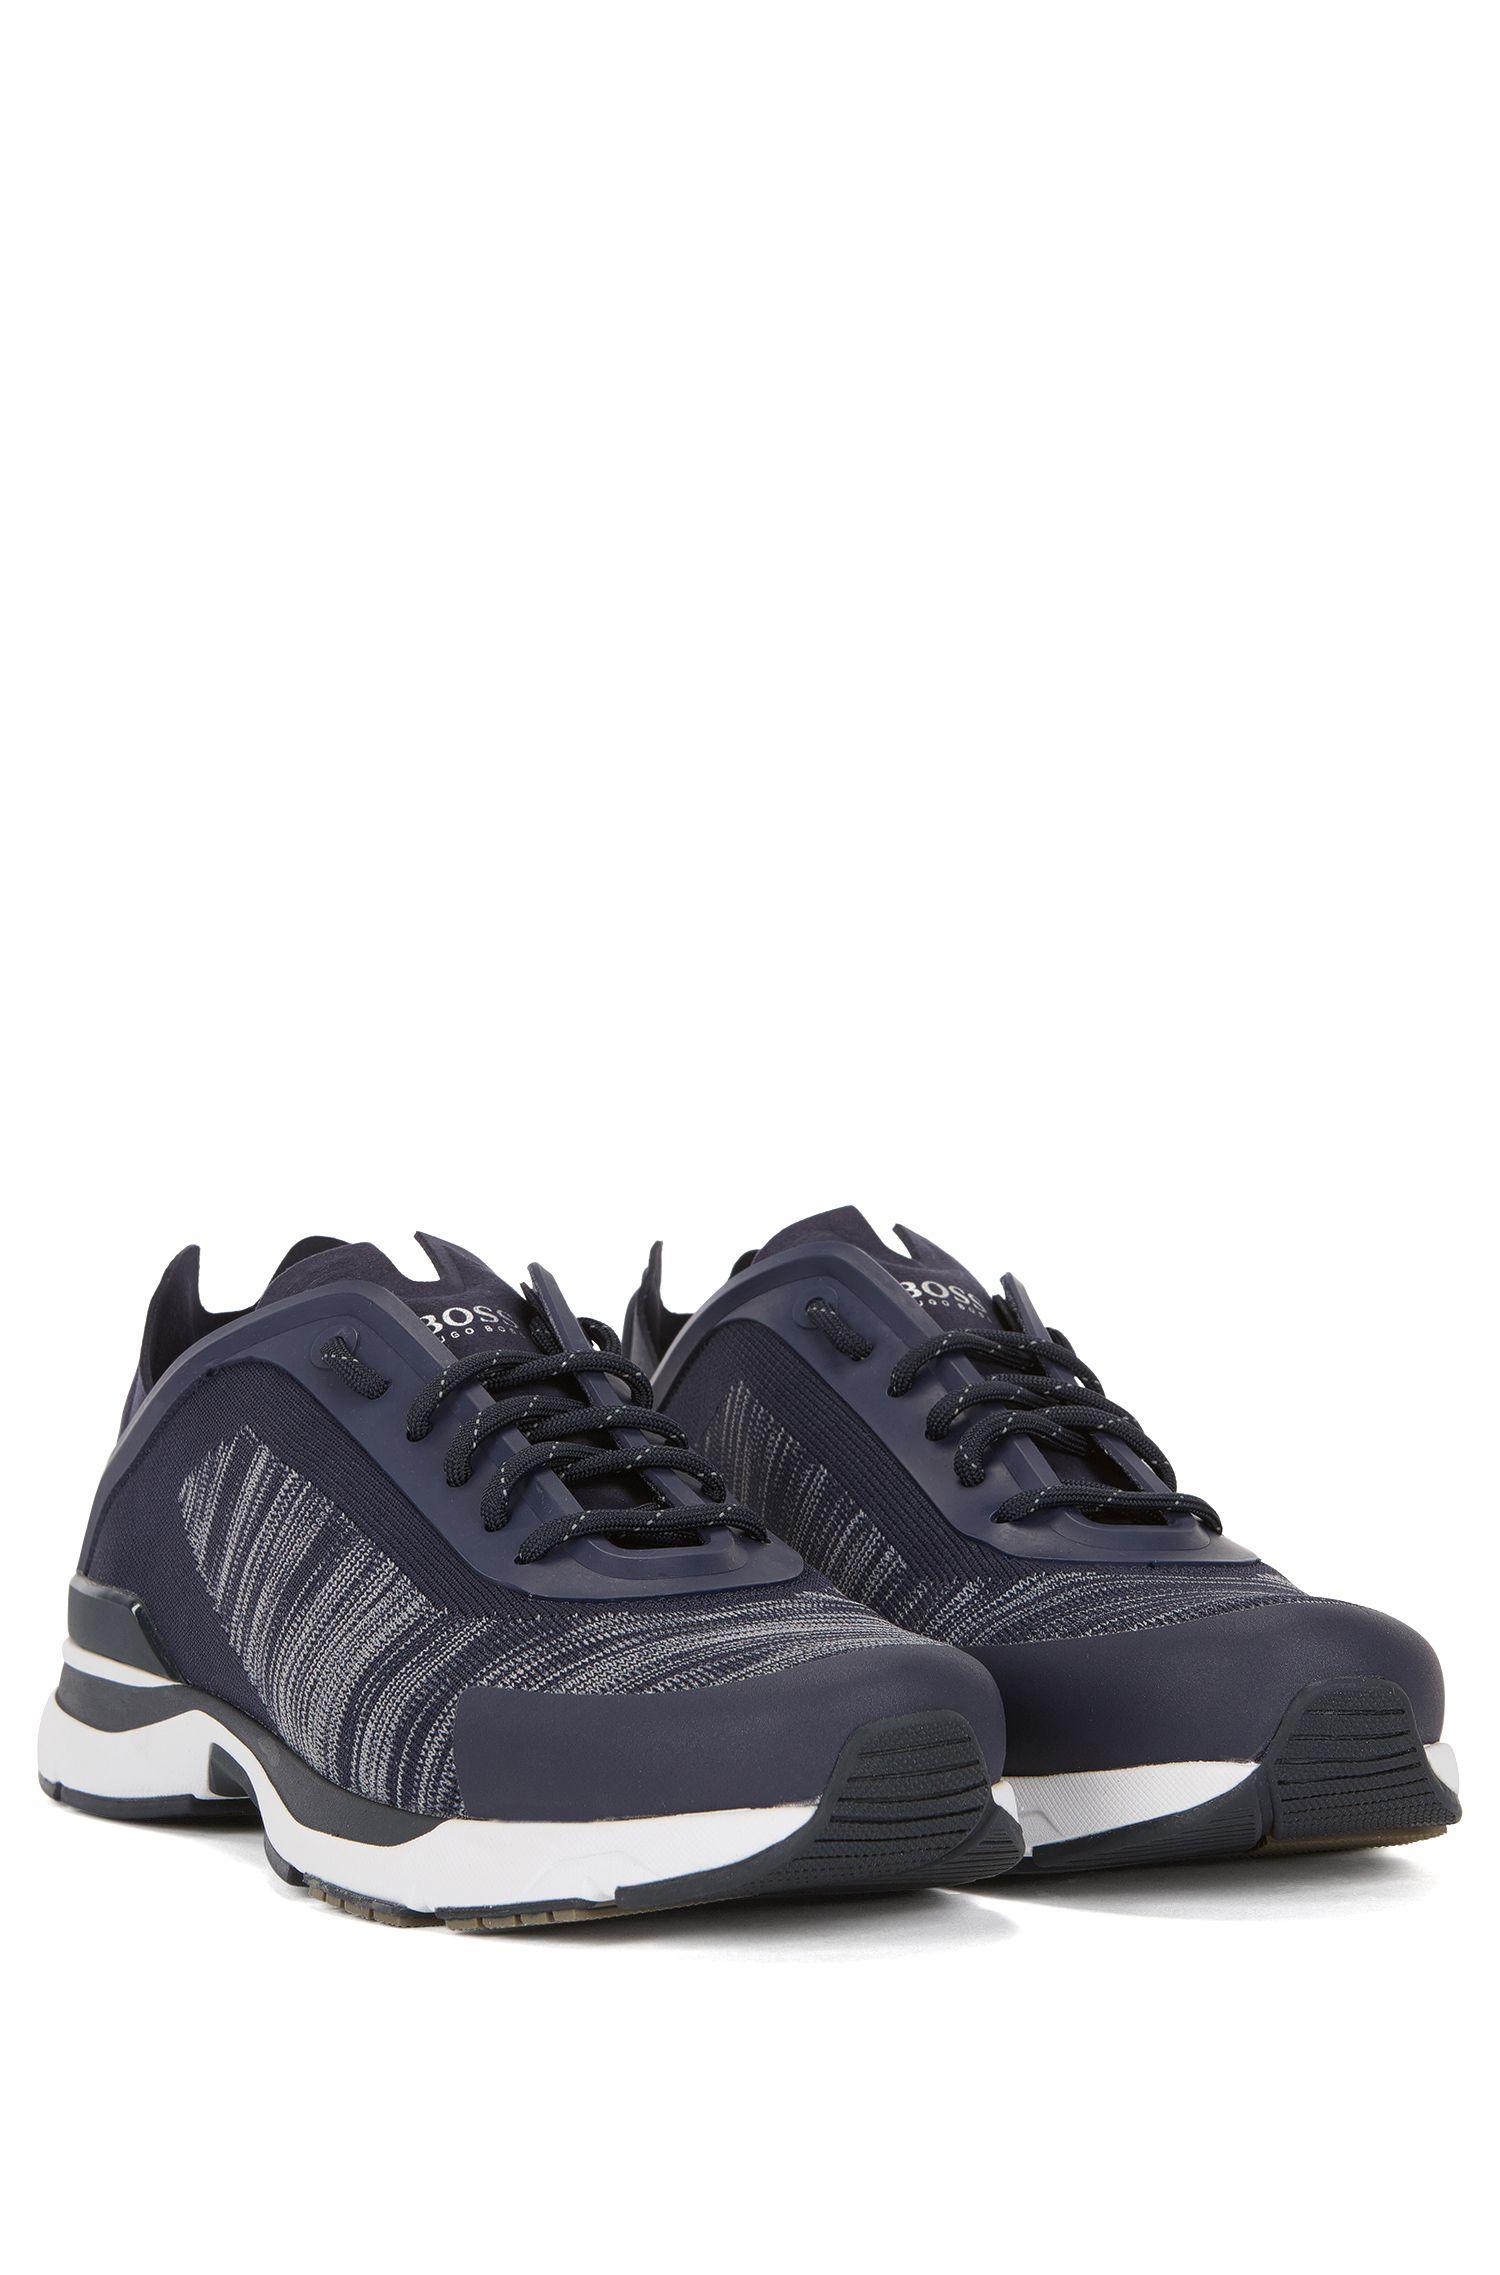 Baskets inspirées des chaussures de course avec tige en maille jacquard